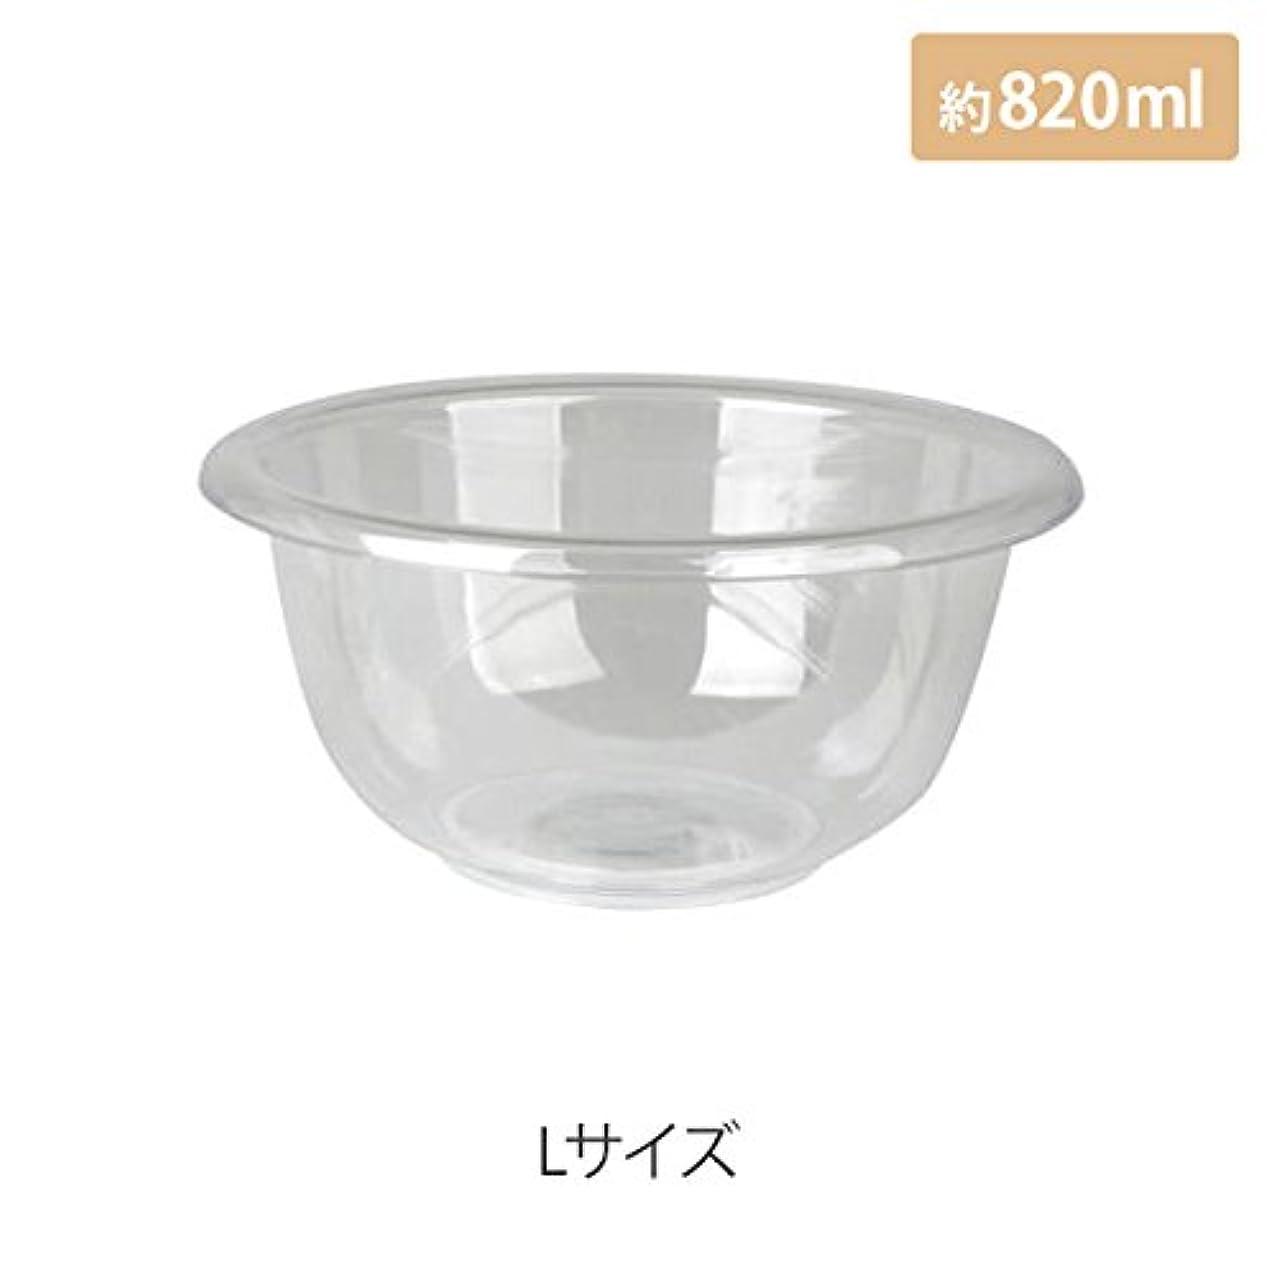 キャップスリンク内部マイスター プラスティックボウル (Lサイズ) クリア 直径19.5cm [ プラスチックボール カップボウル カップボール エステ サロン プラスチック ボウル カップ 割れない ]